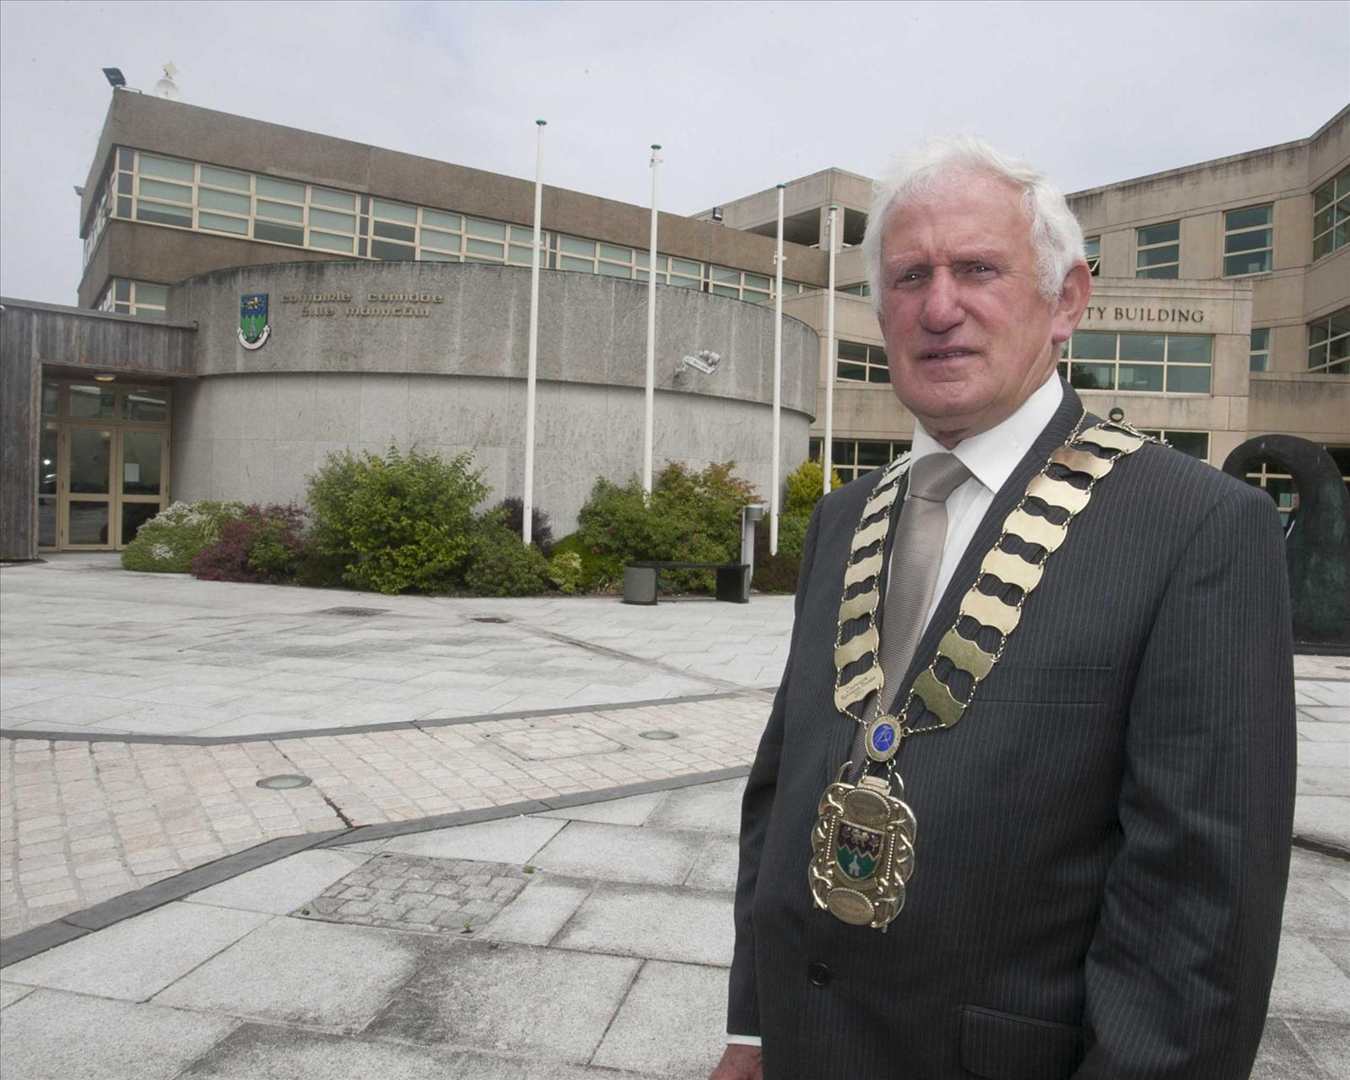 JImmy O'Shaughnesy